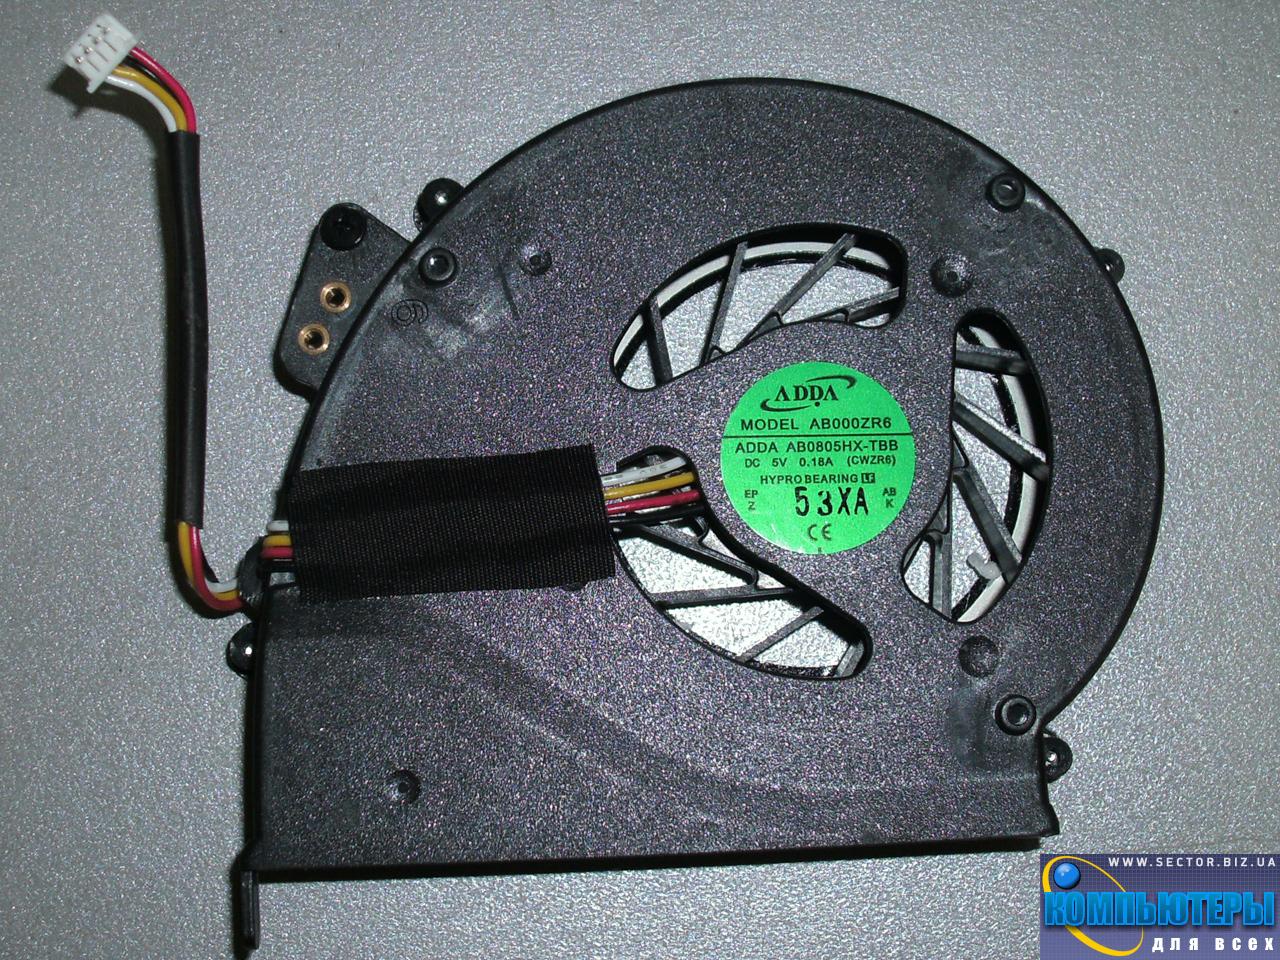 Кулер к ноутбуку Emachines E528 E728 p/n: AB0805HX-TBB (CWZR6). Фото № 1.